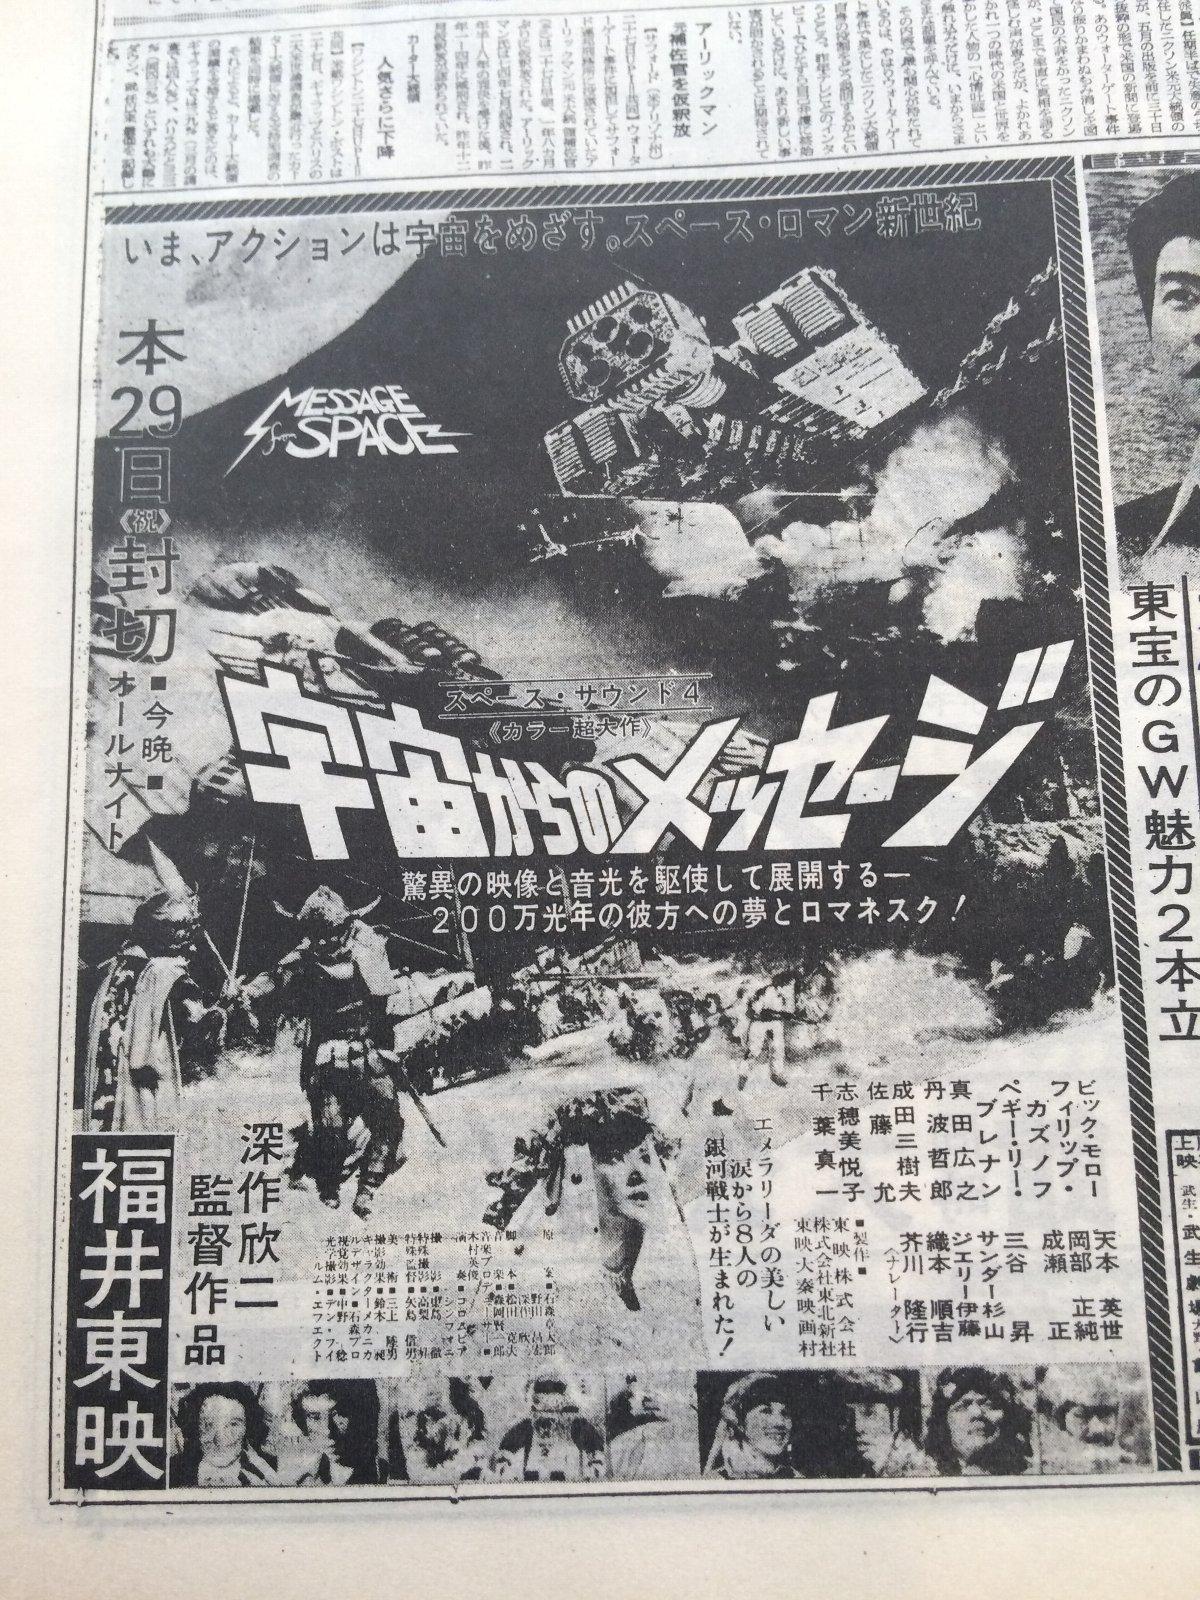 『宇宙からのメッセージ』新聞広告